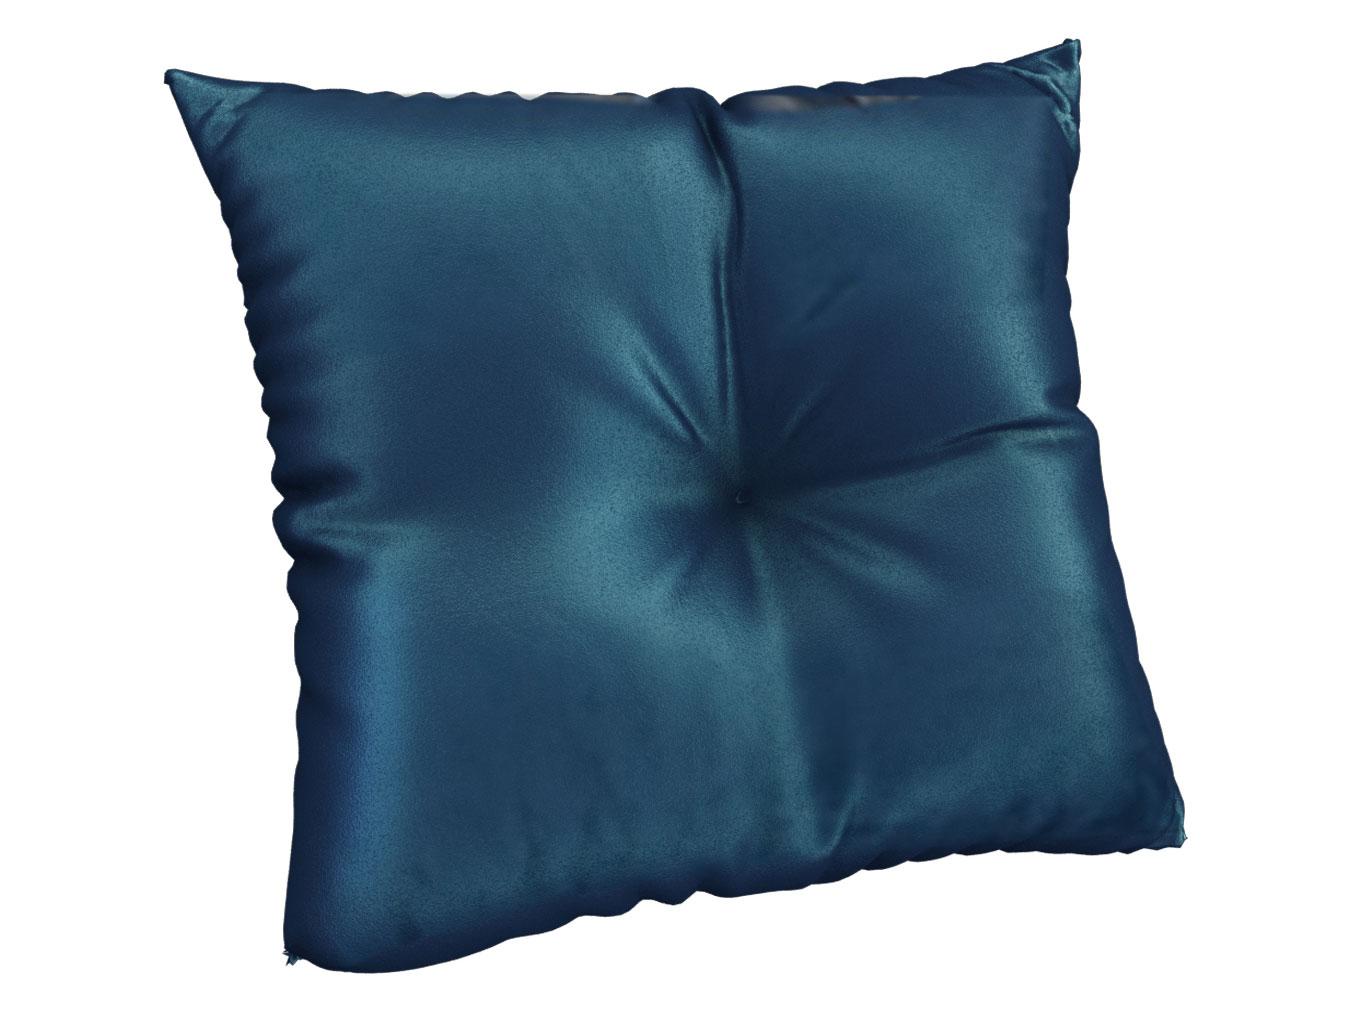 Декоративная подушка 179-112216